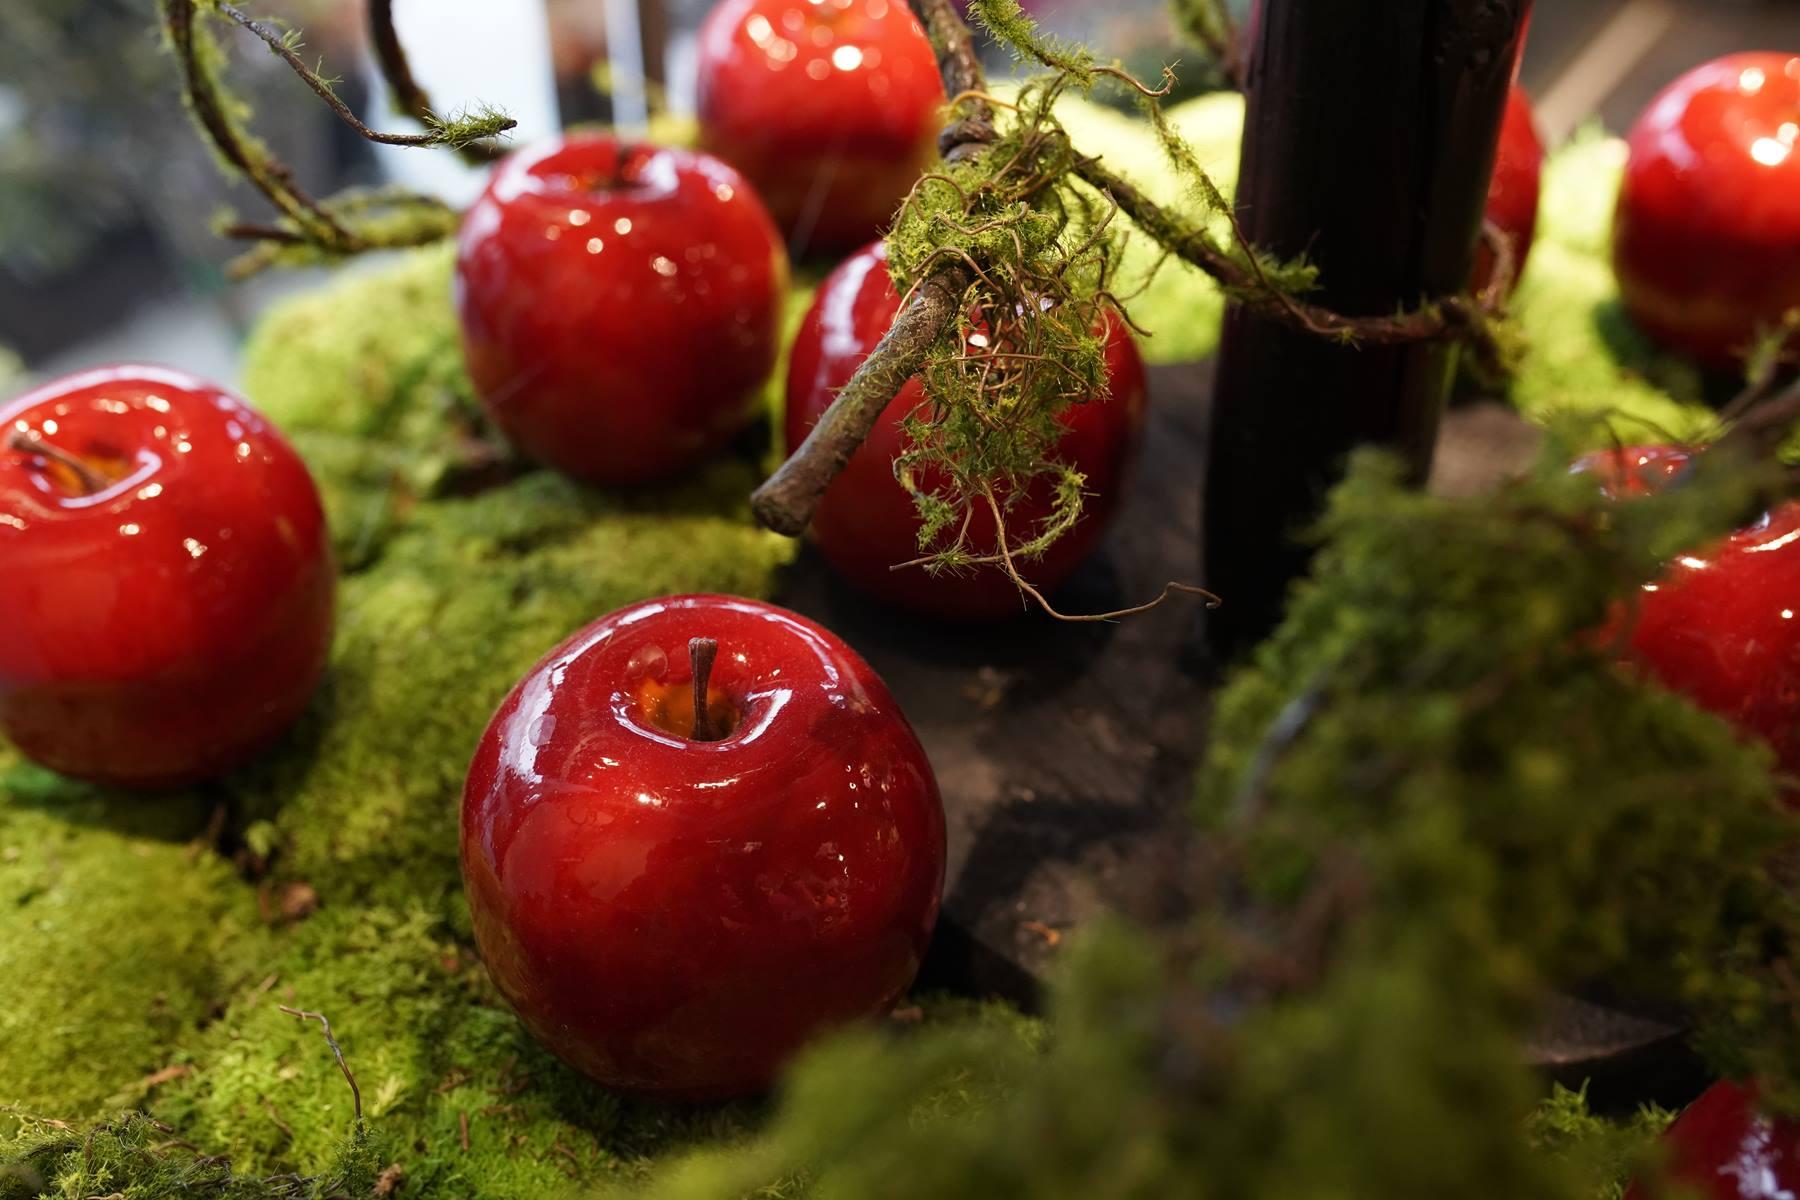 vitrine-automne-pommes-rouges-decoration-montpellier-symphonie-florale (7)